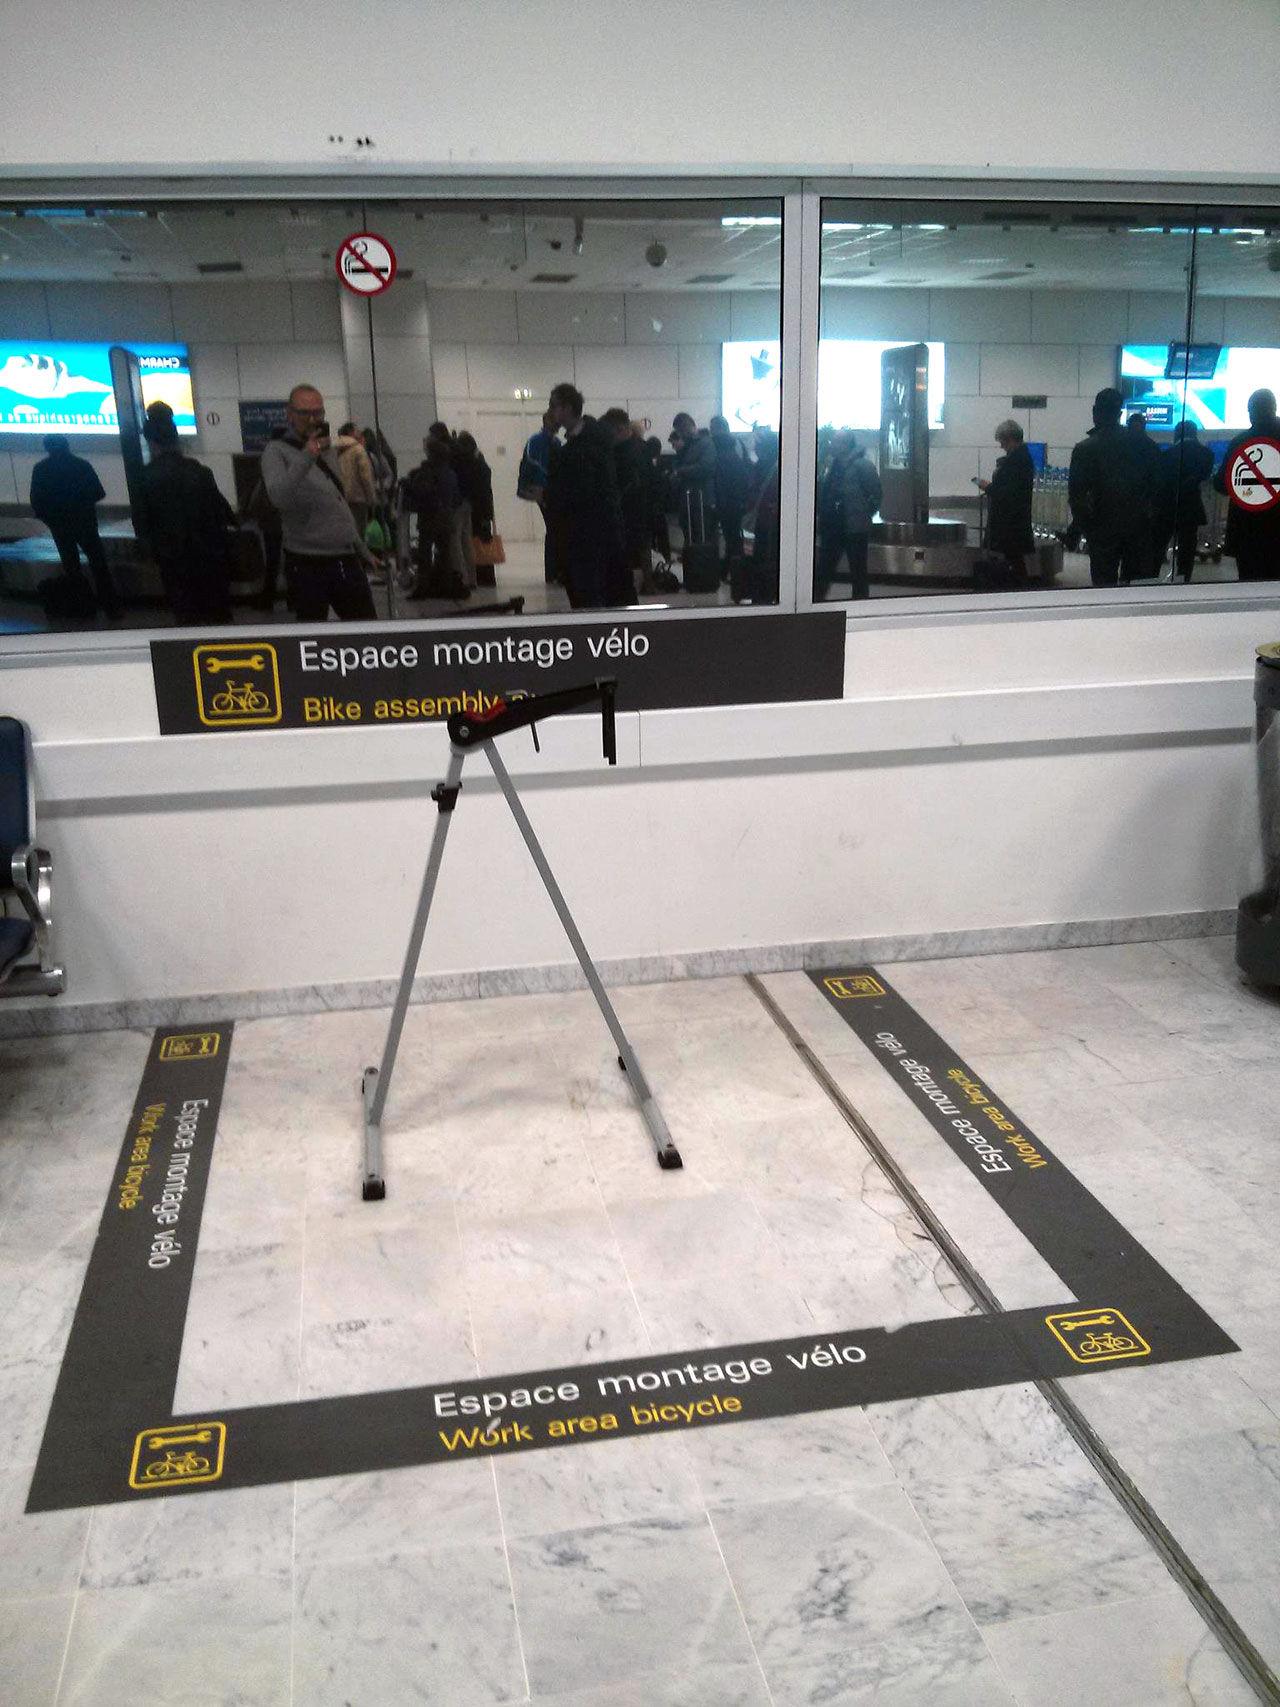 Plocka ihop cykeln på flygplatsen